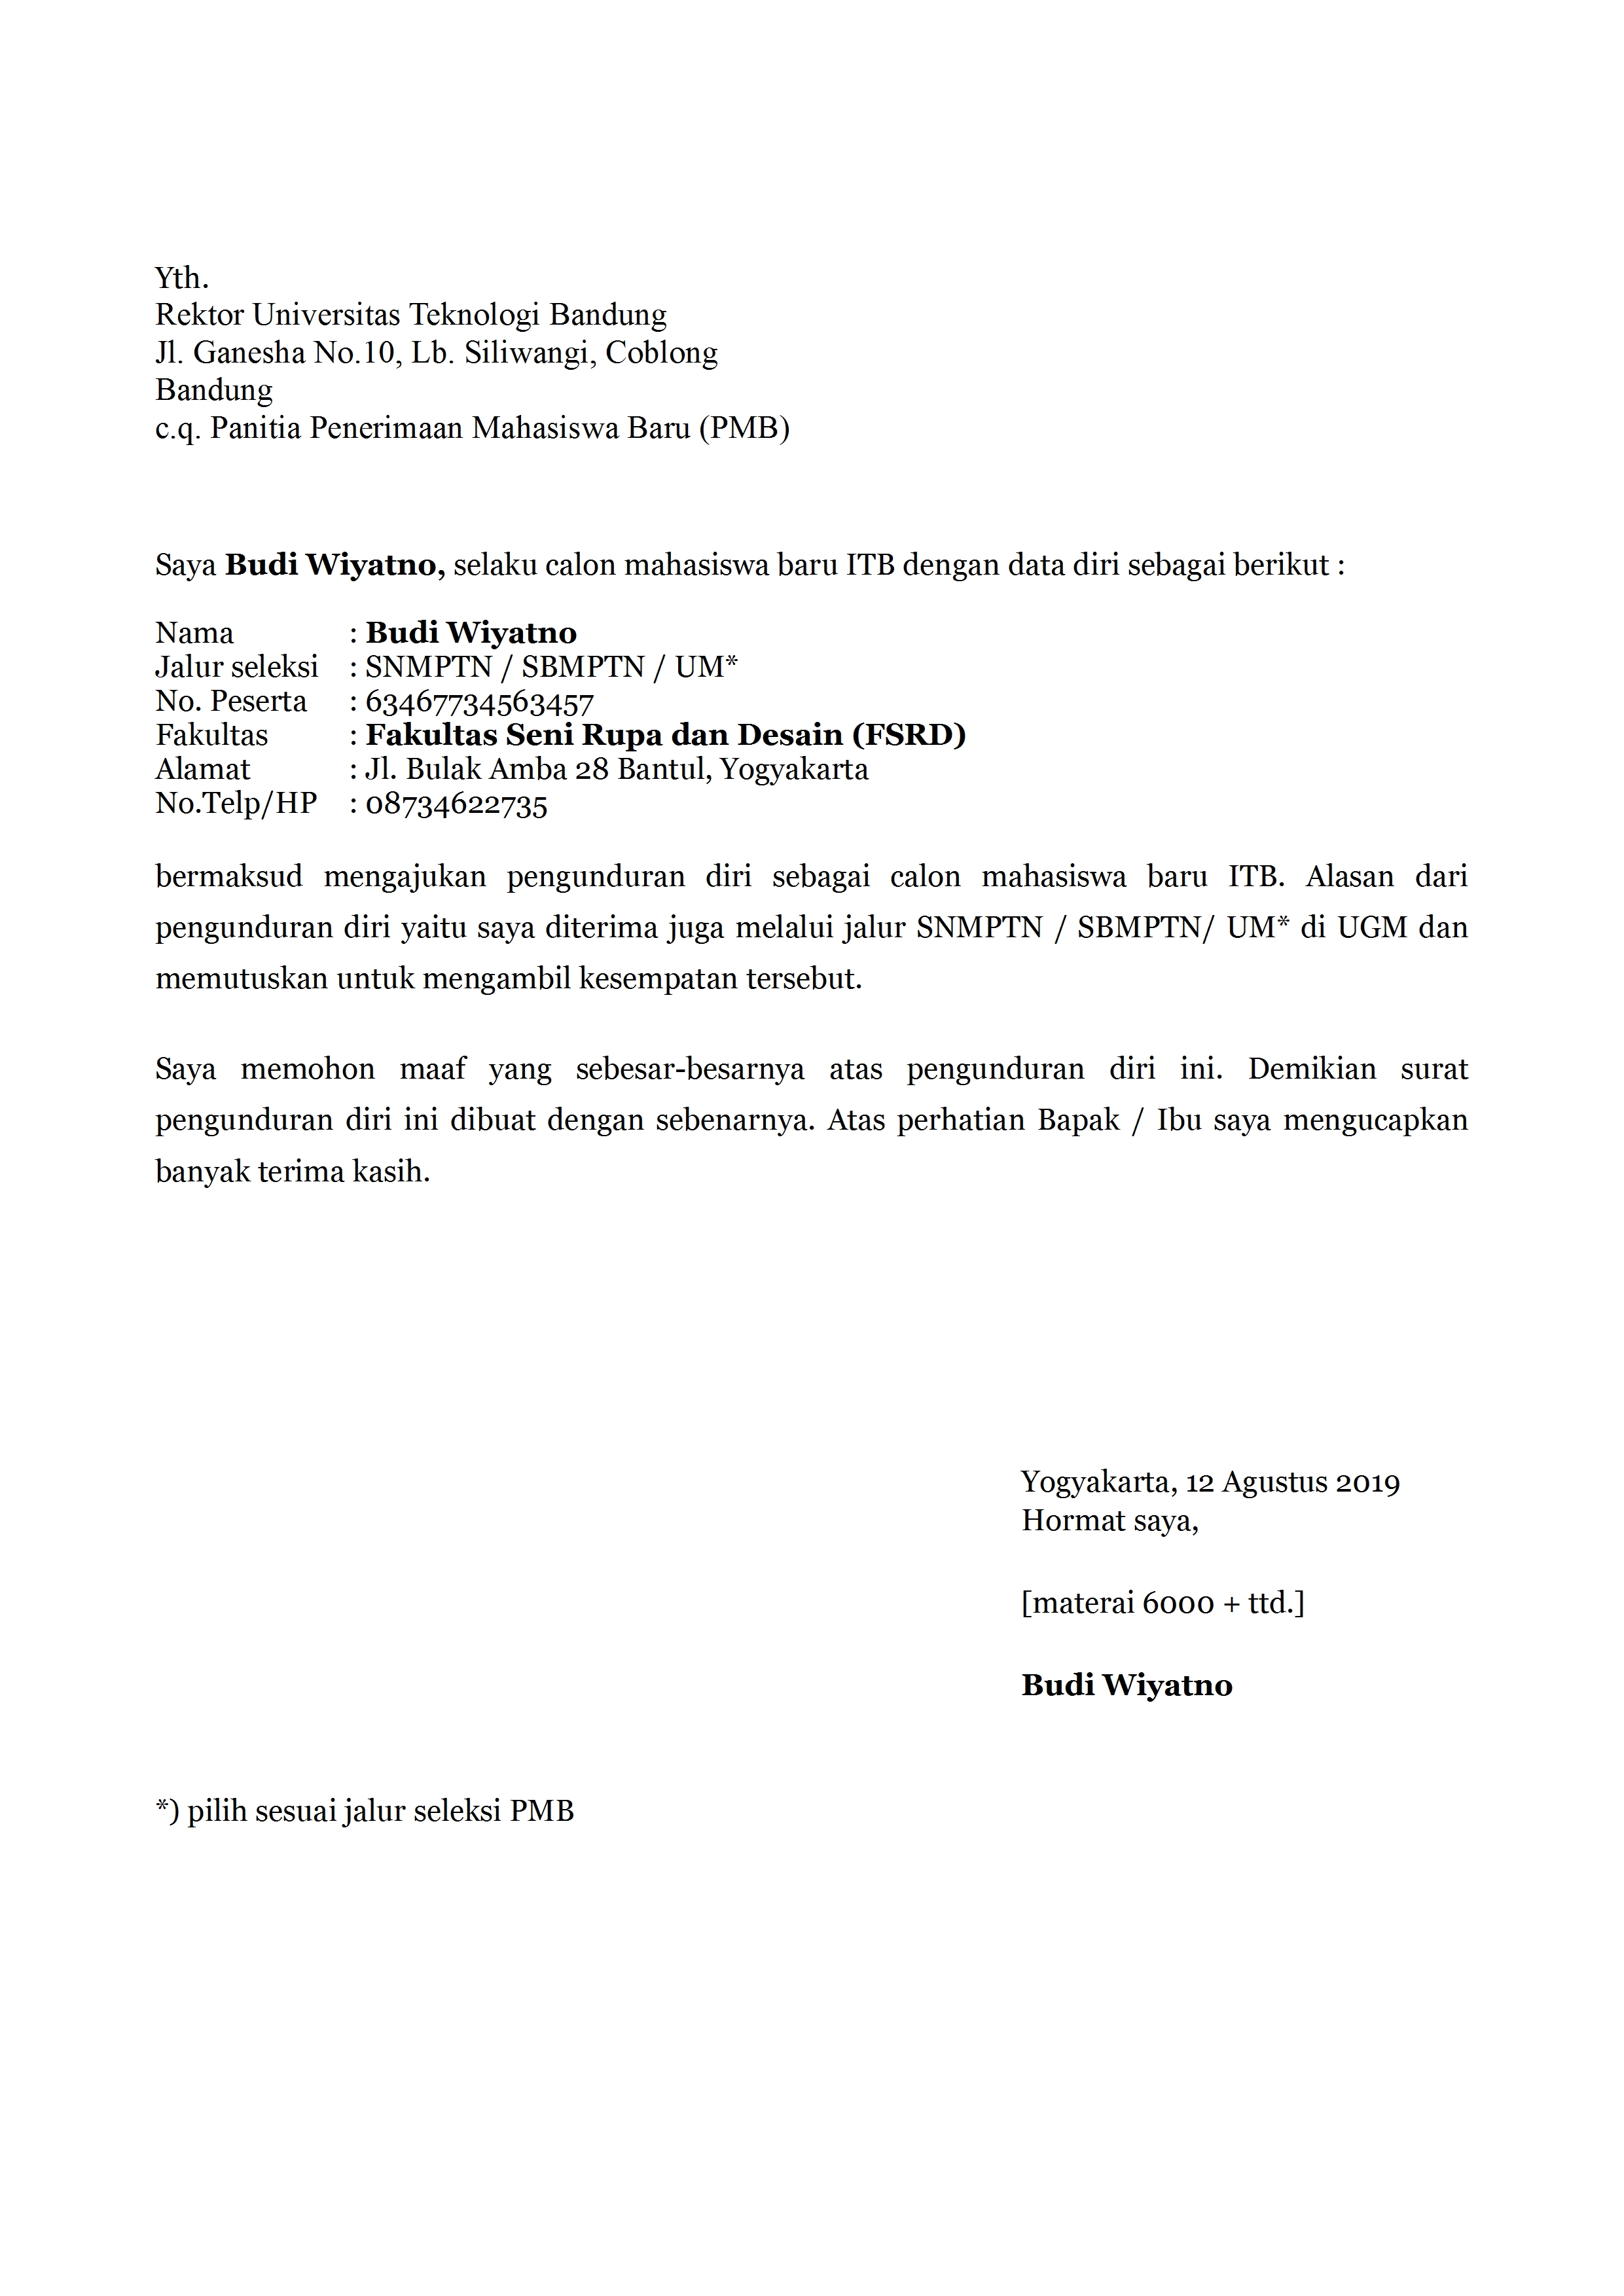 Contoh Surat Pengunduran Diri Mahasiswa Yang Baik Dan ...